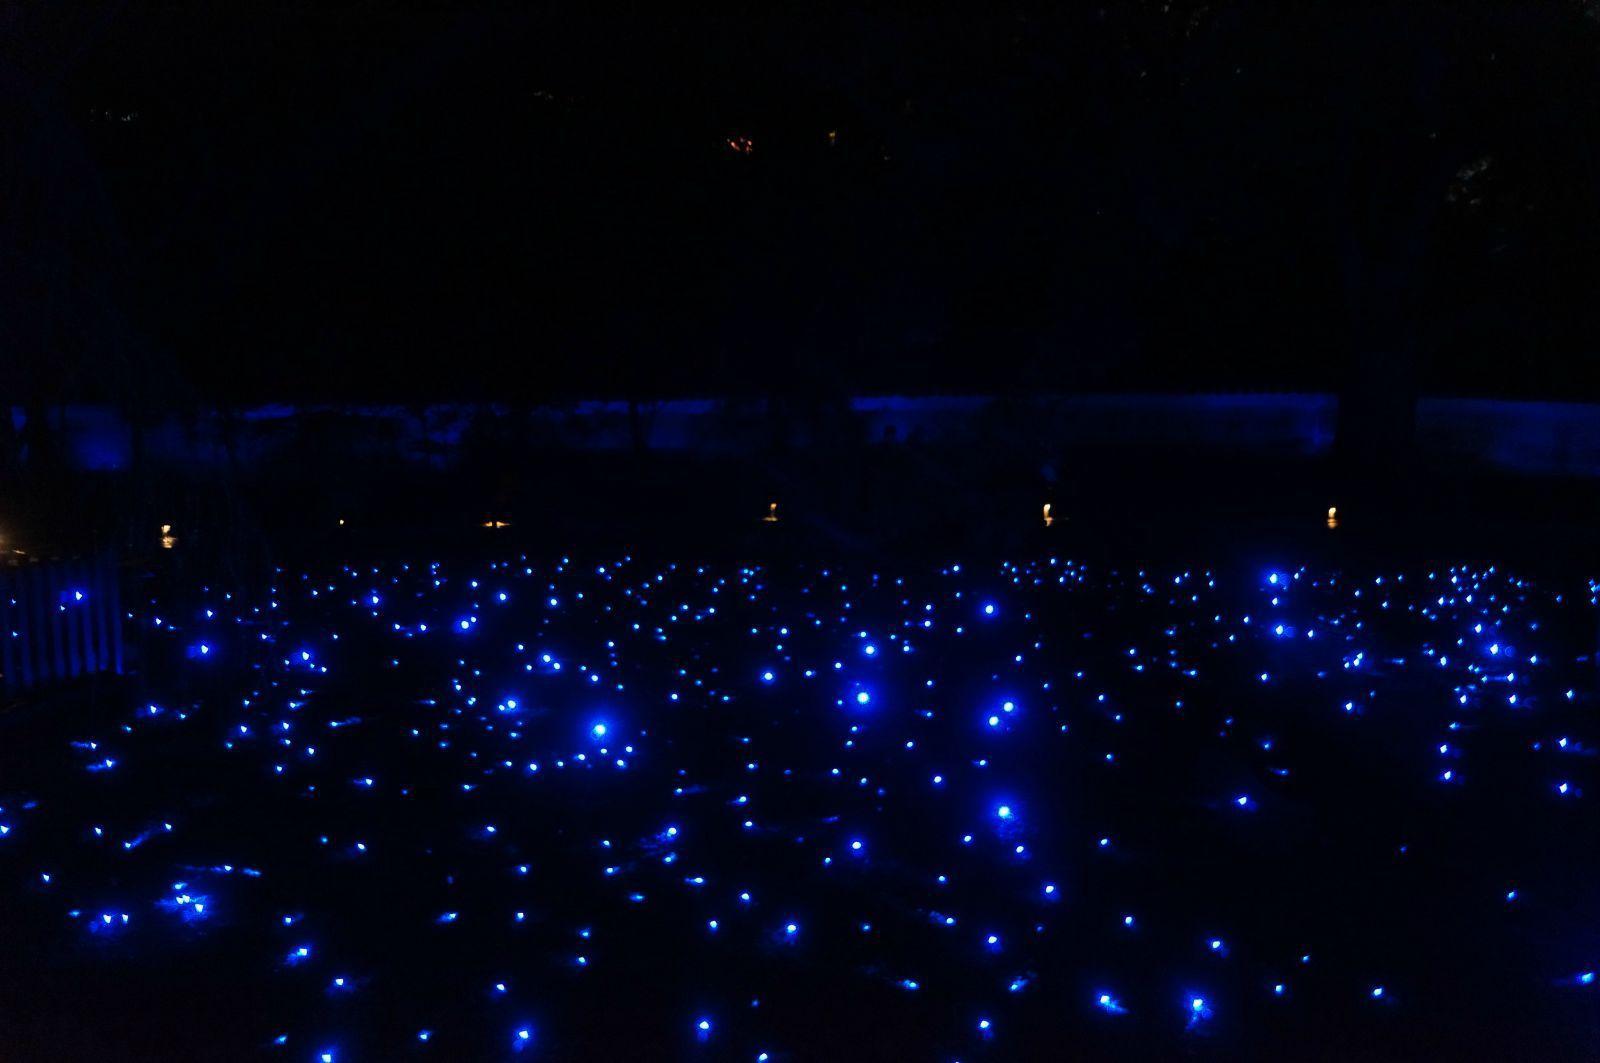 青莲院虽不大,夜枫特色在于庭院里变幻的led灯光组合,每一刻看到的